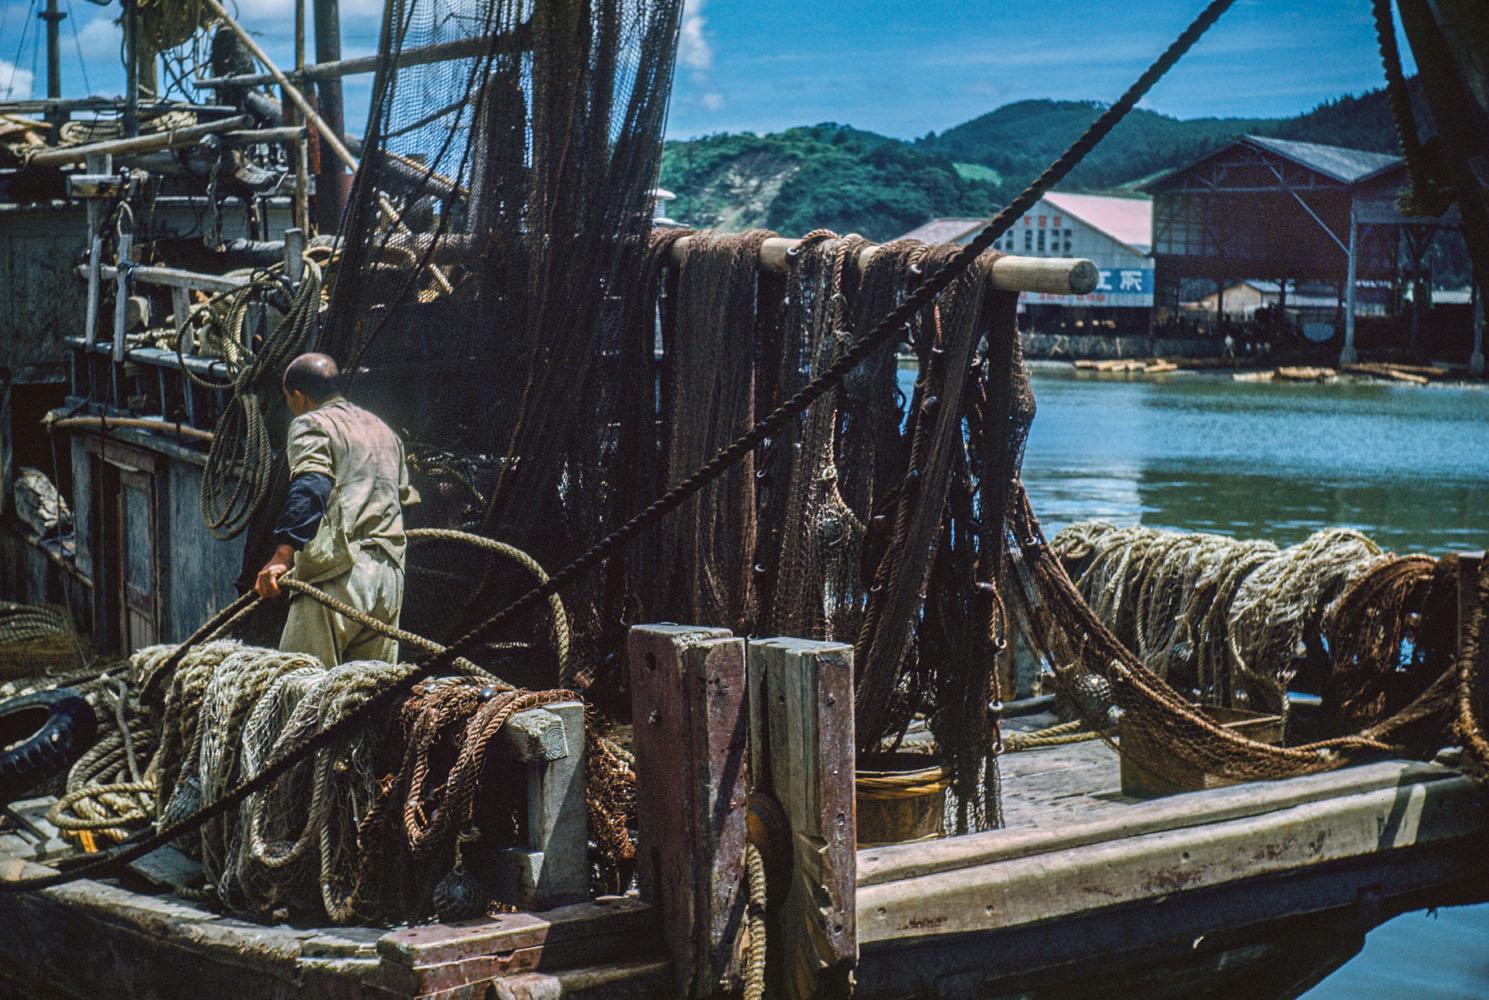 410-Fishing Boat at Dock